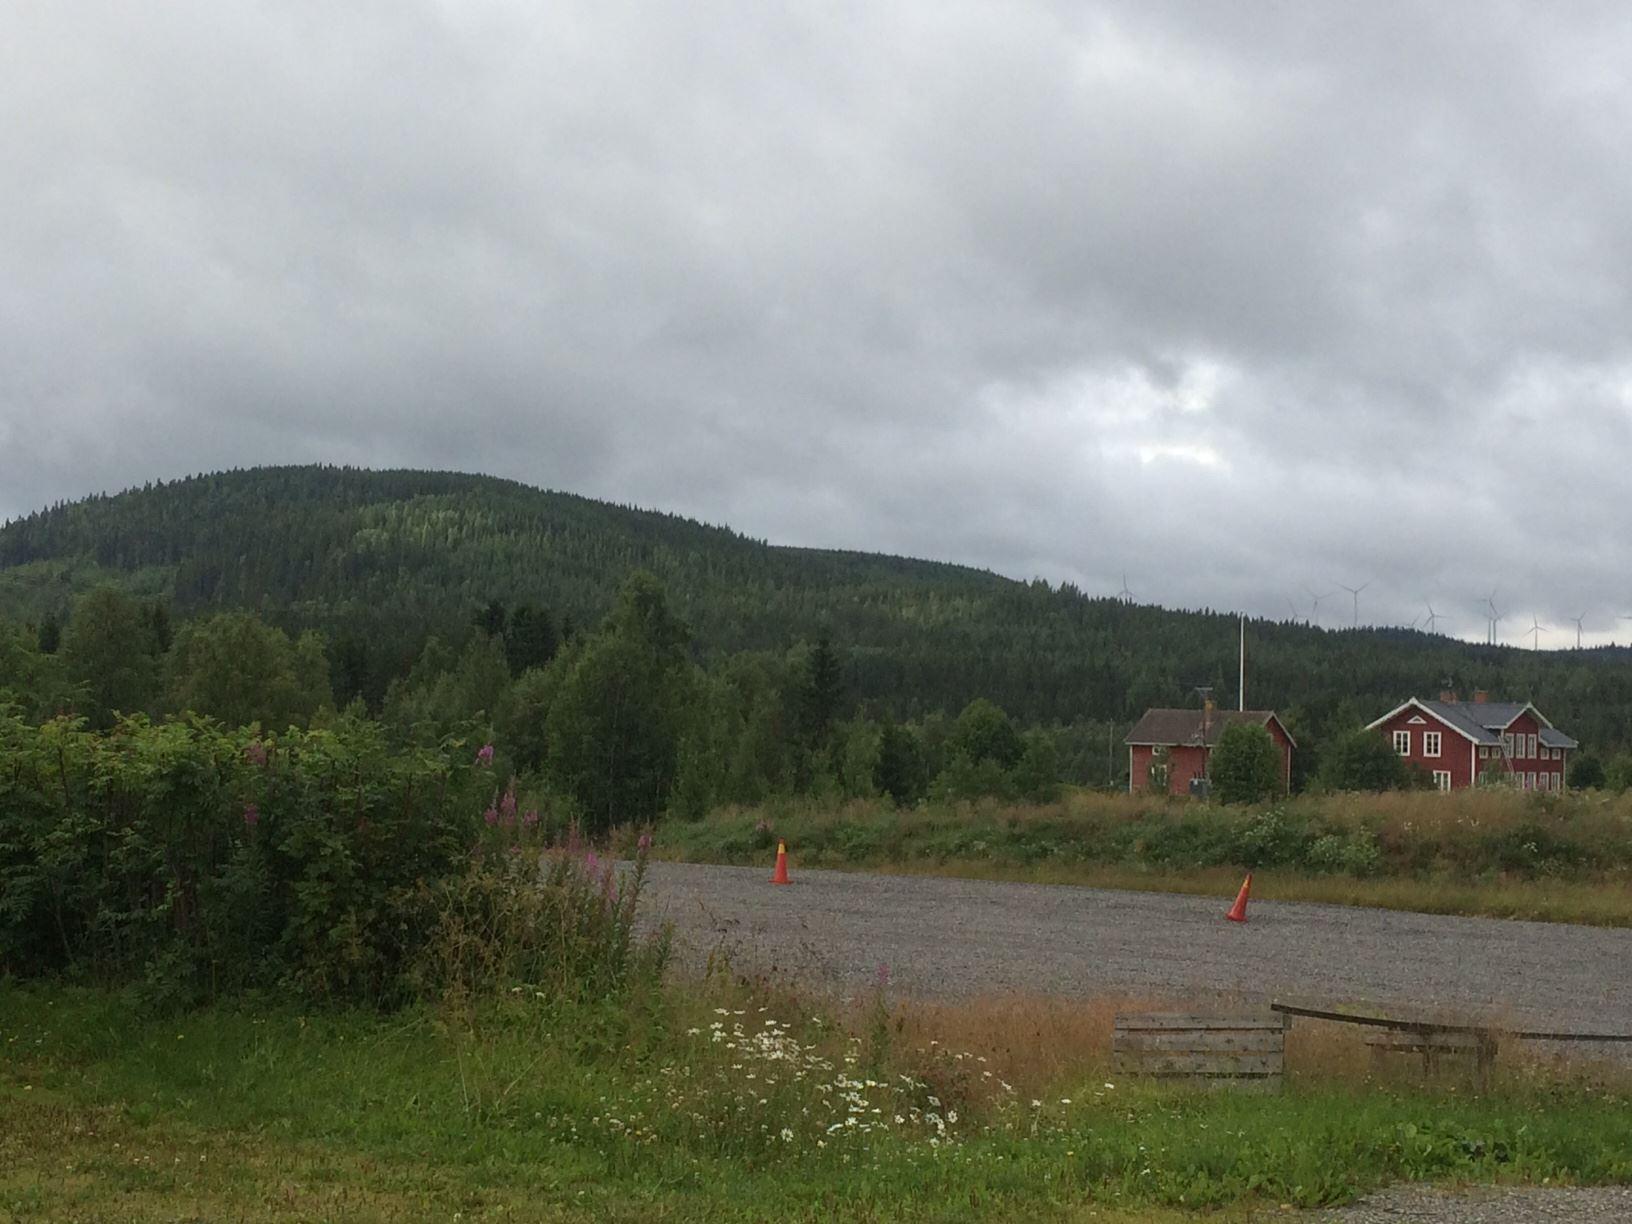 Lungsjön / Camping (Lastbilsträffen)